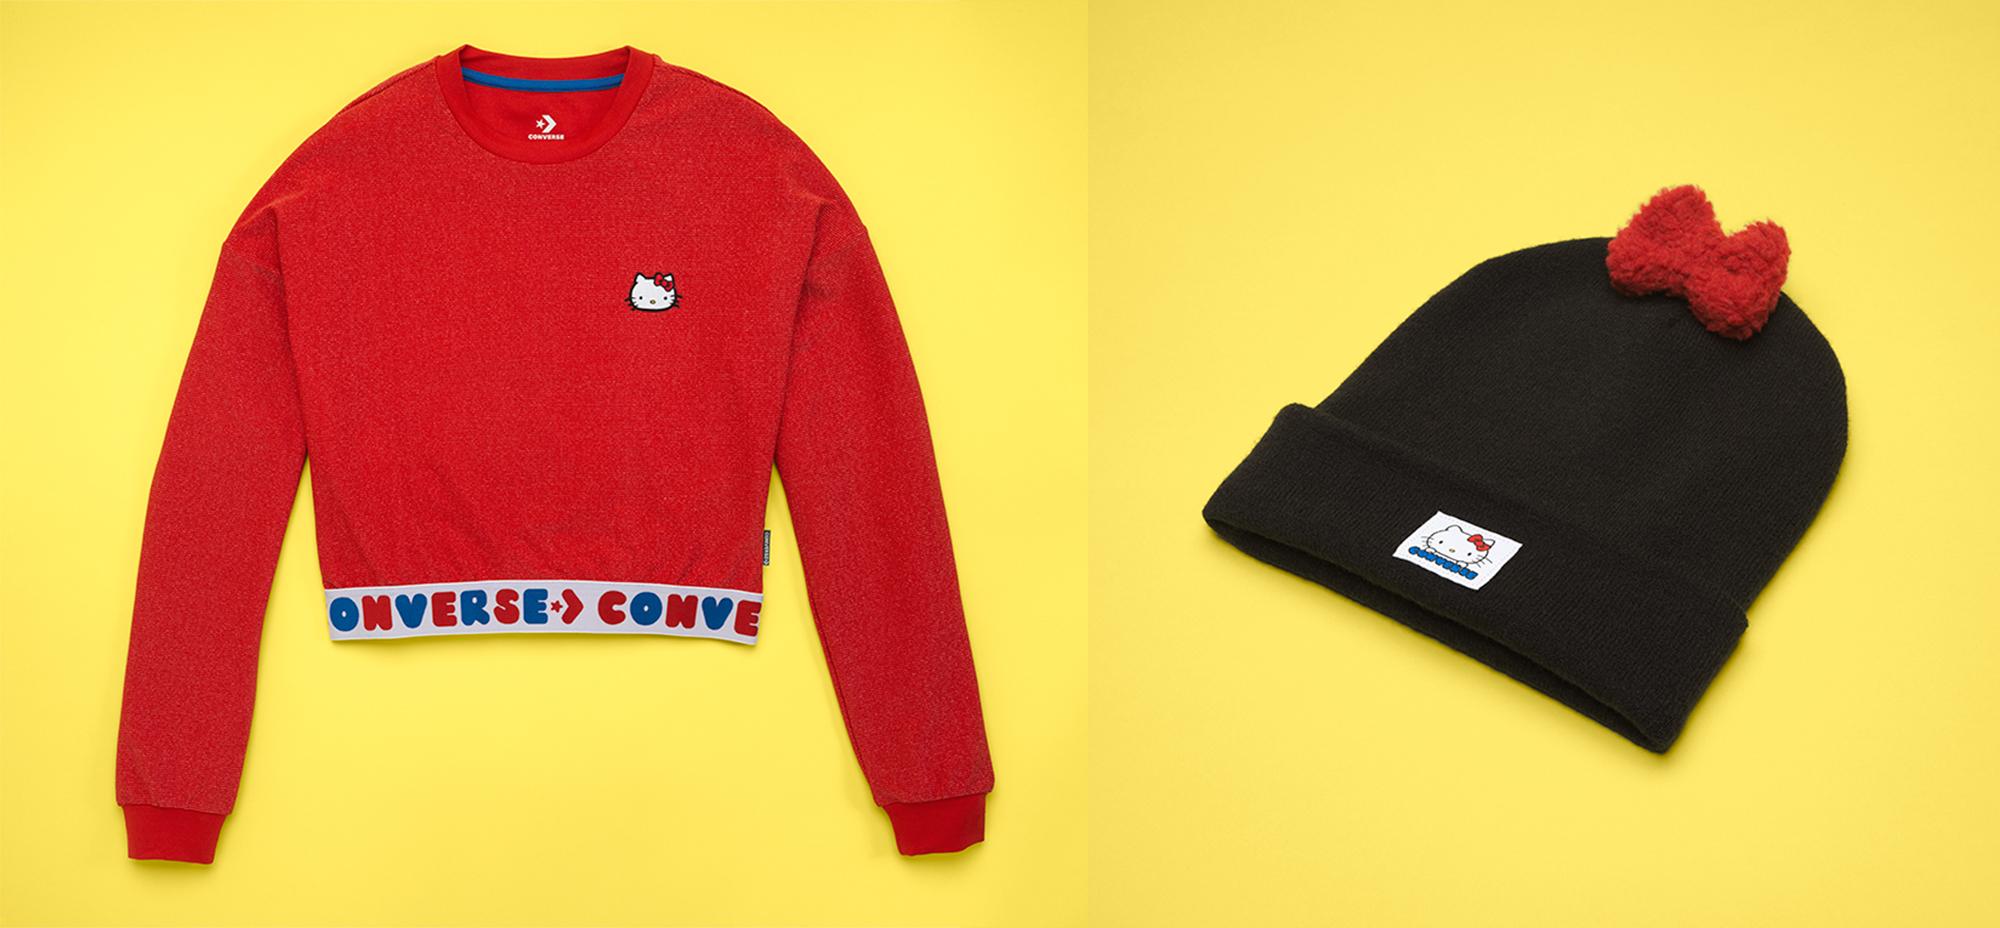 Chiều fan Hello Kitty hết mực, Converse ra mắt lần 2 phiên bản giới hạn với bộ Collab - Converse x Hello Kitty - Ảnh 4.